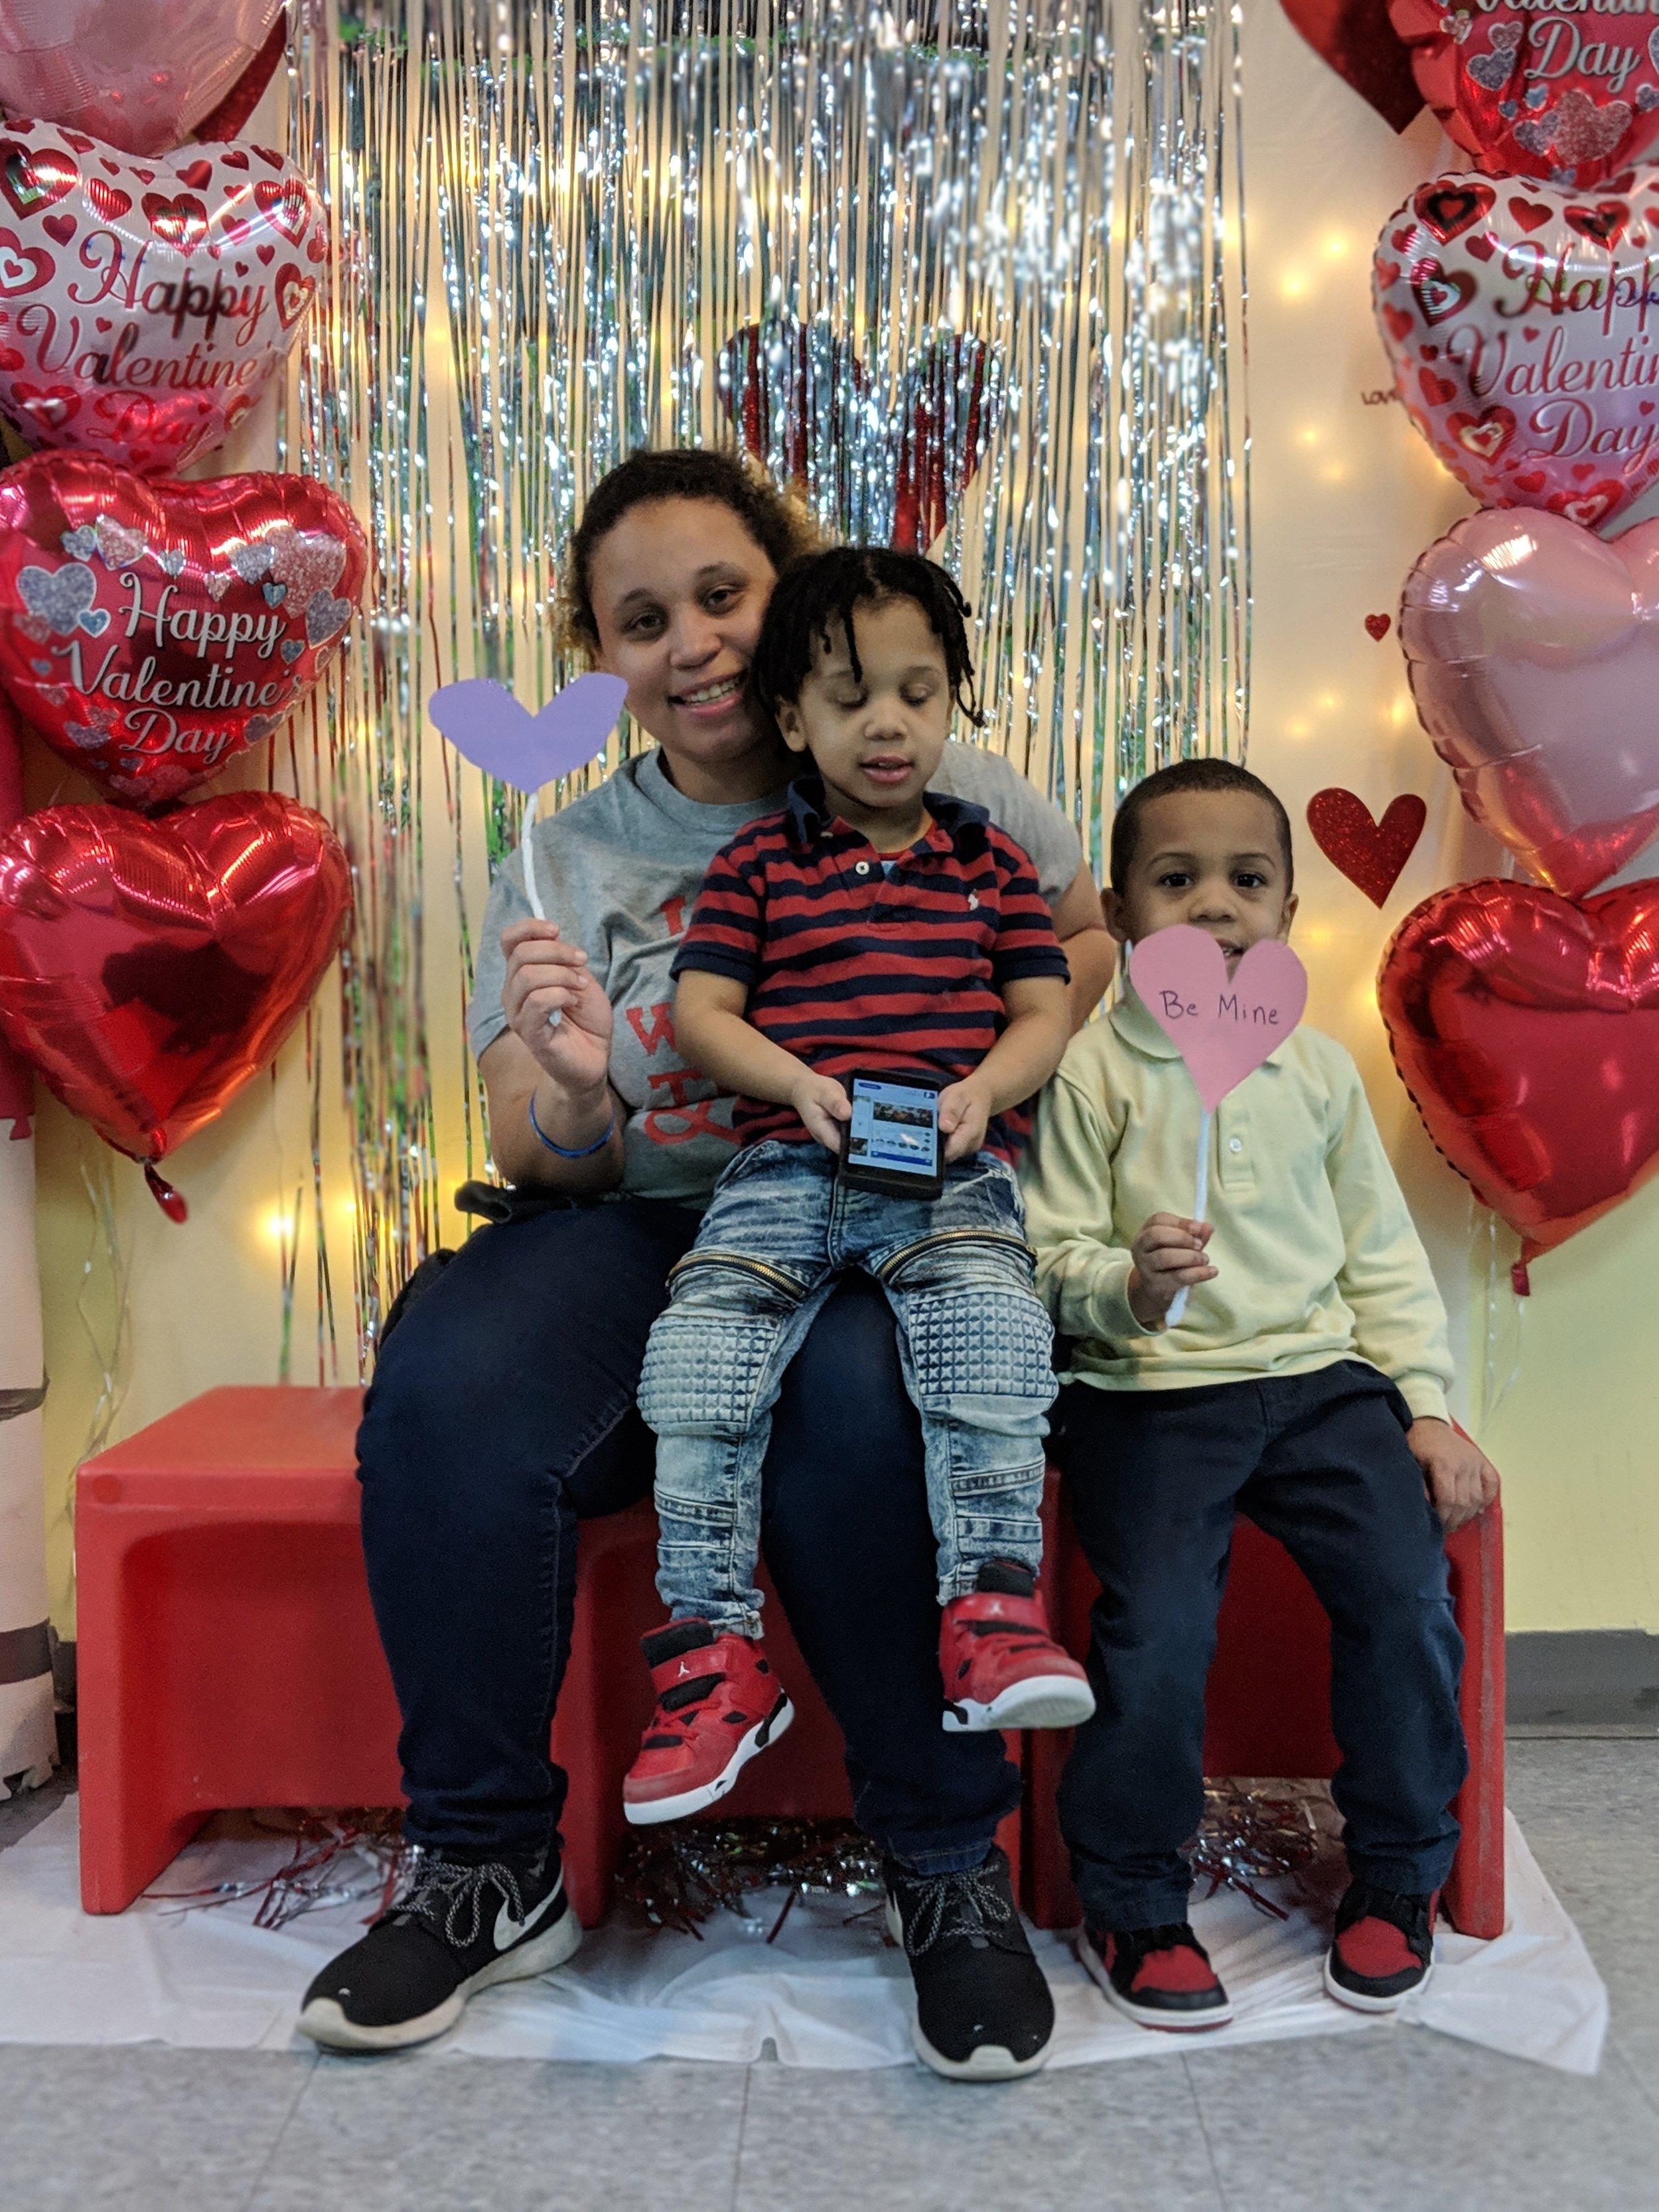 Valentines Day Celebration 11.jpg